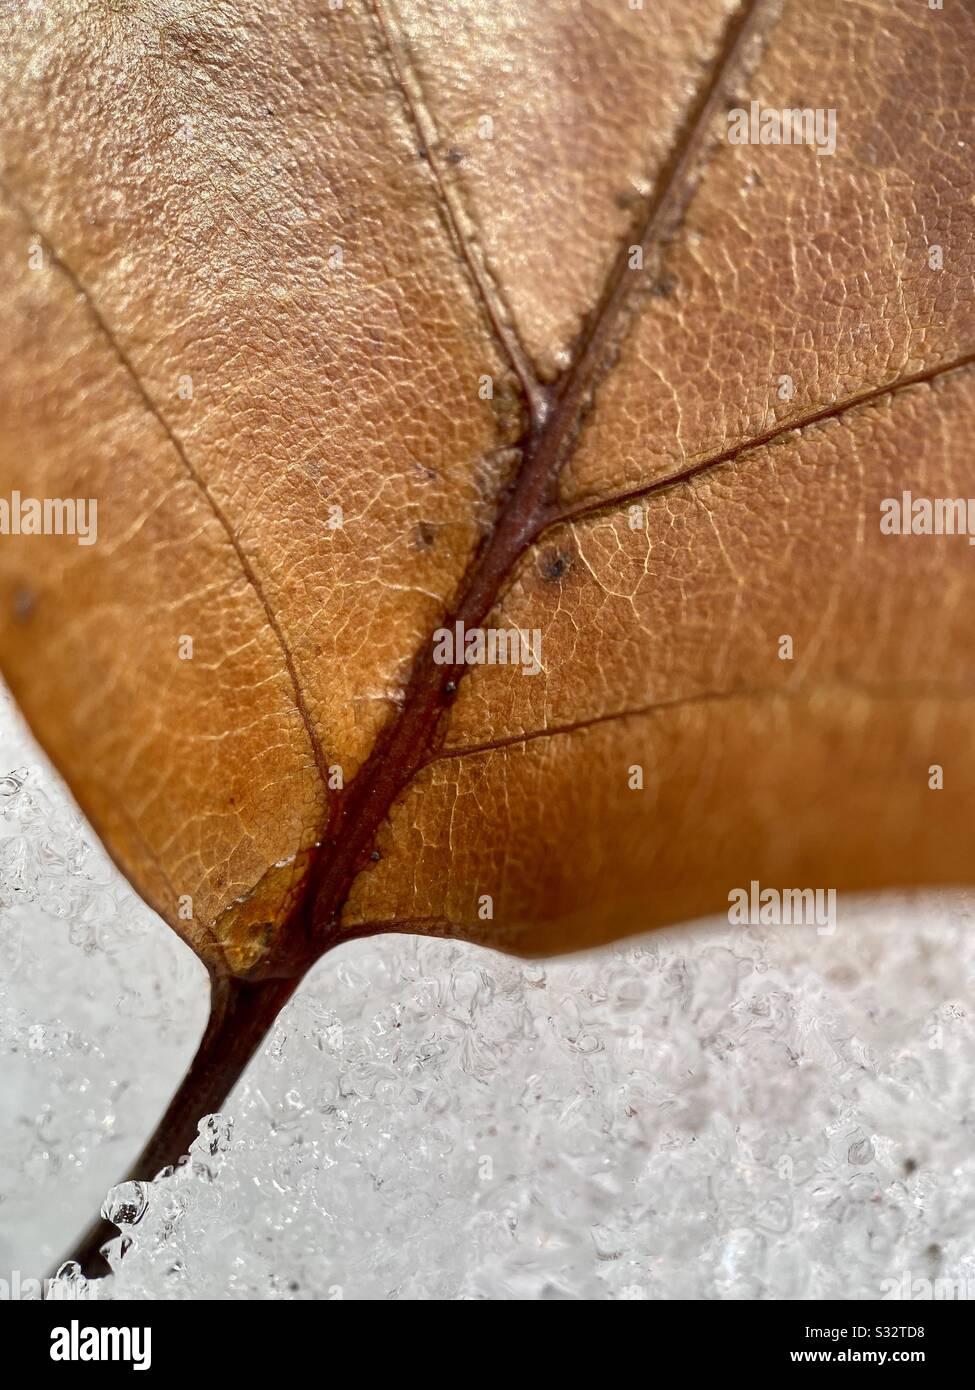 un primer plano de una hoja seca en la nieve durante los mares del invierno. Foto de stock